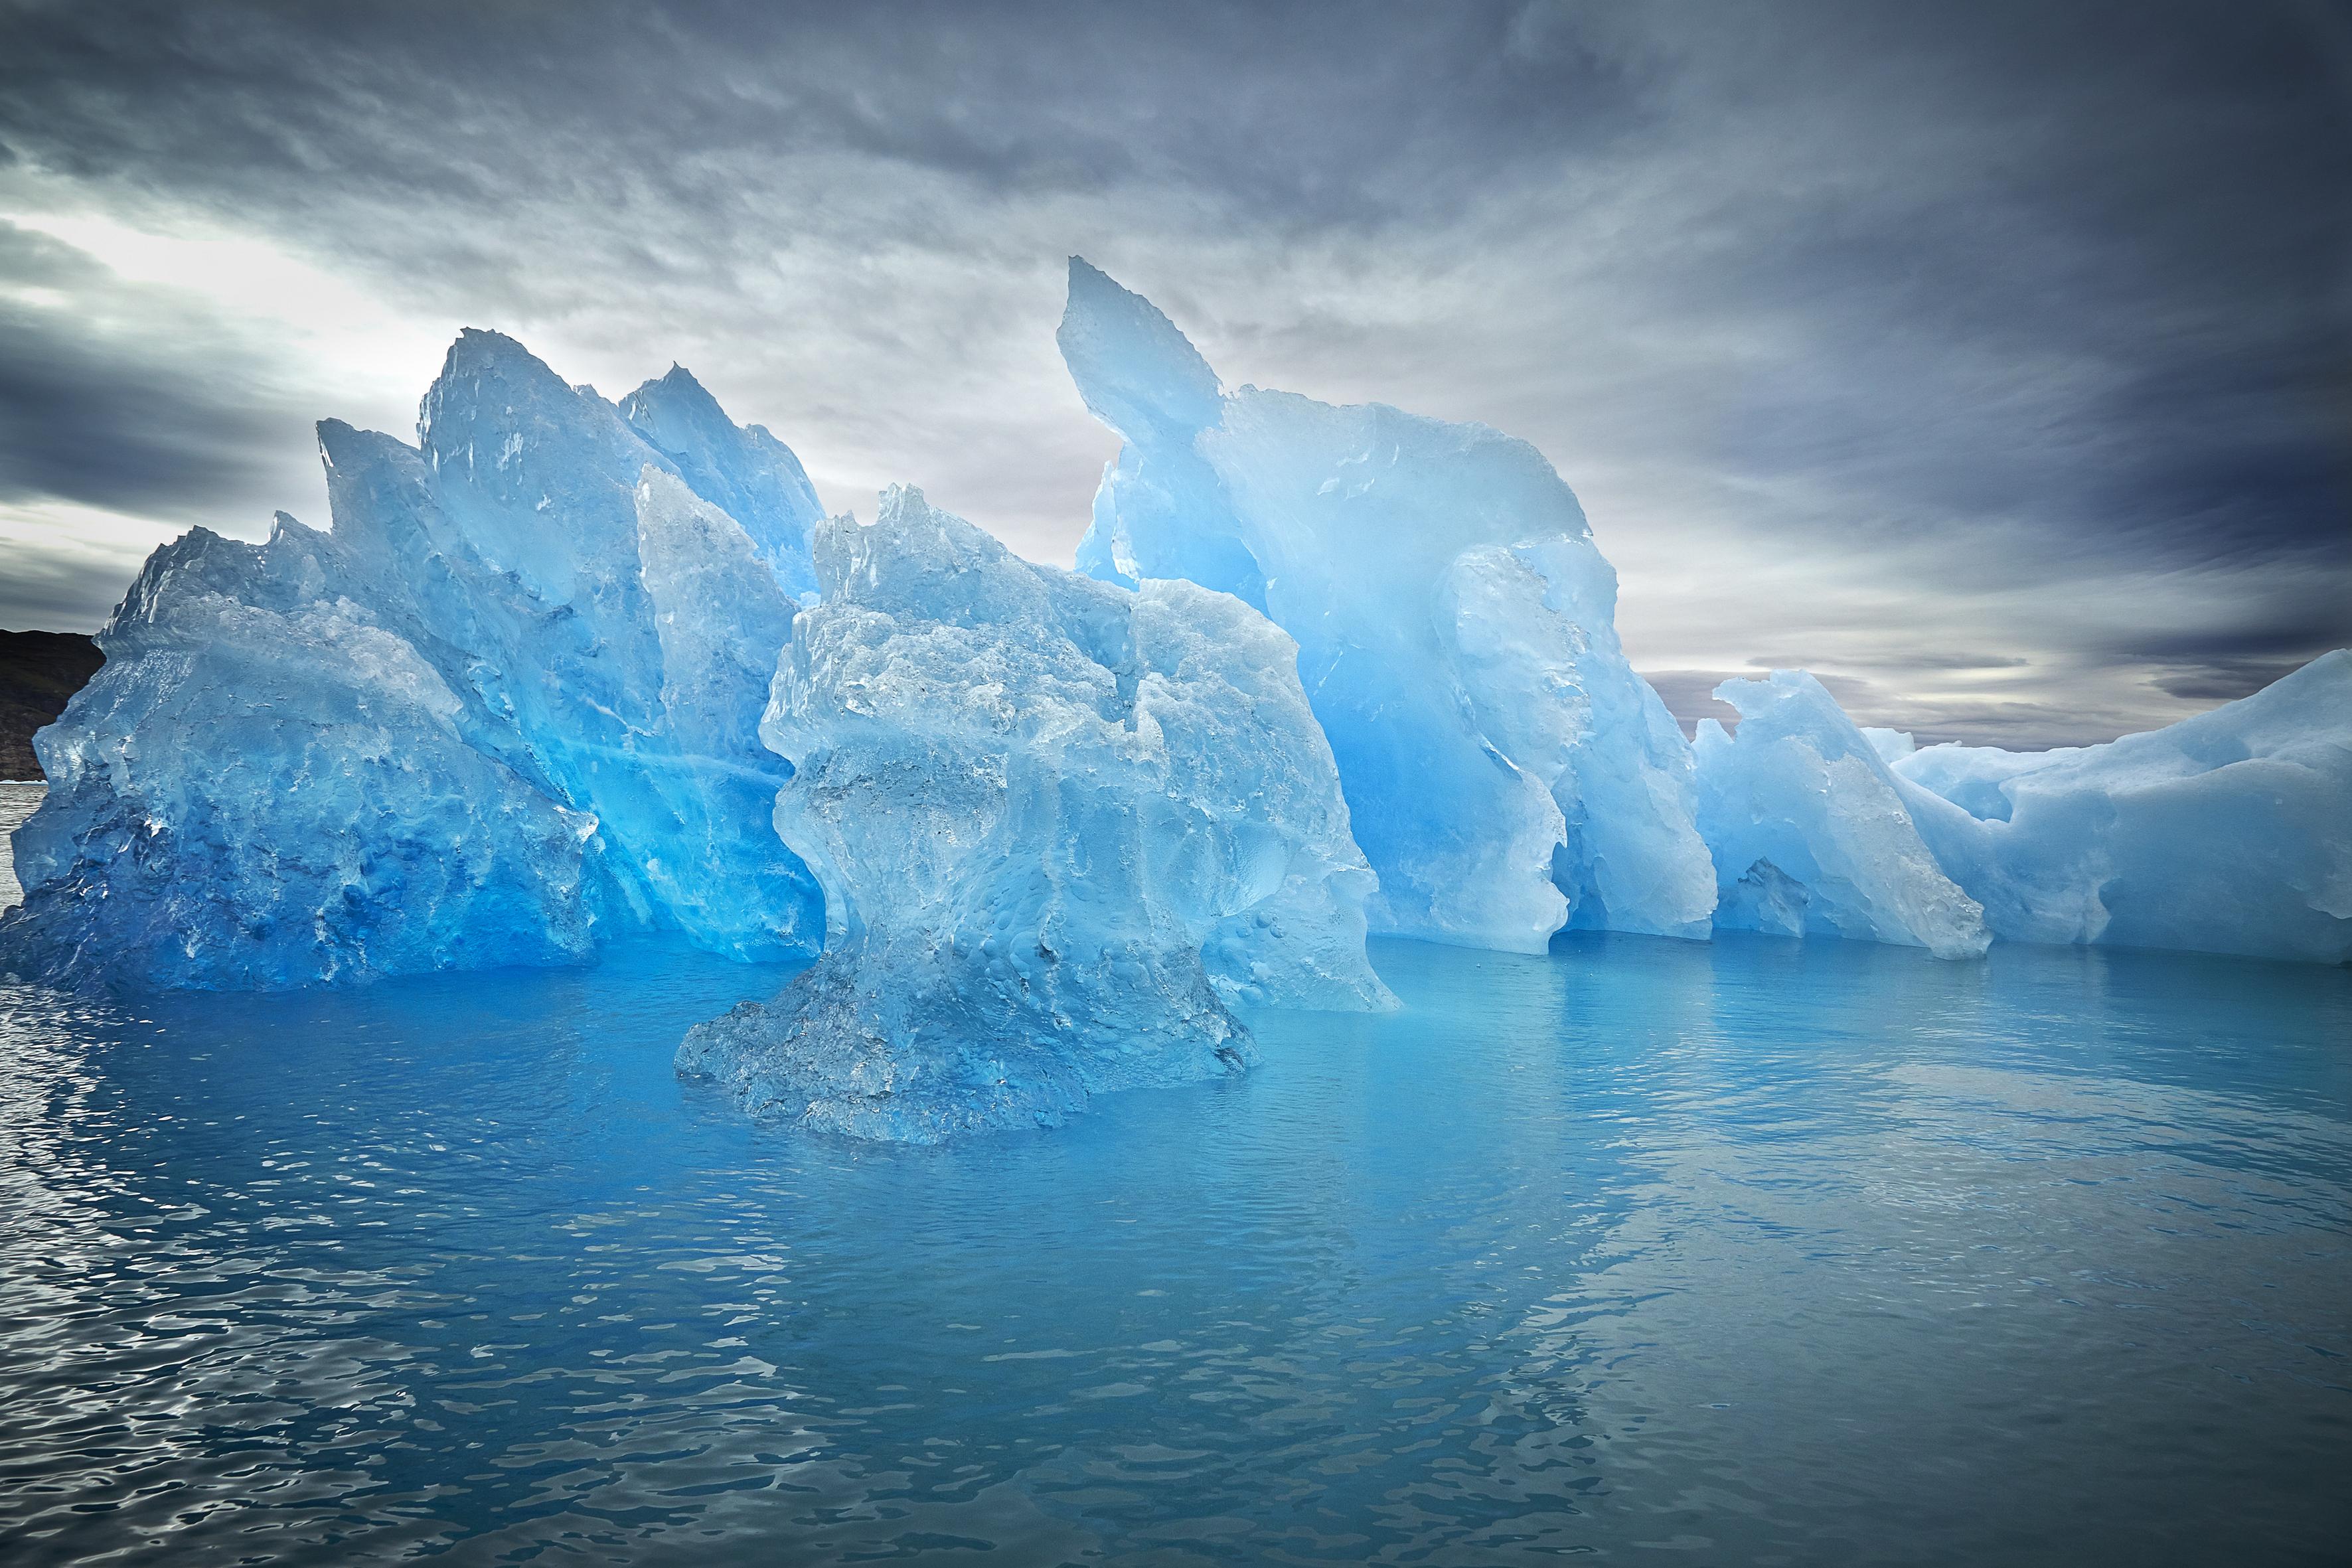 Чистая ледяная вода символ обновления, избавления от связывающих обстоятельств, освобождения от старых неприятных влияний.